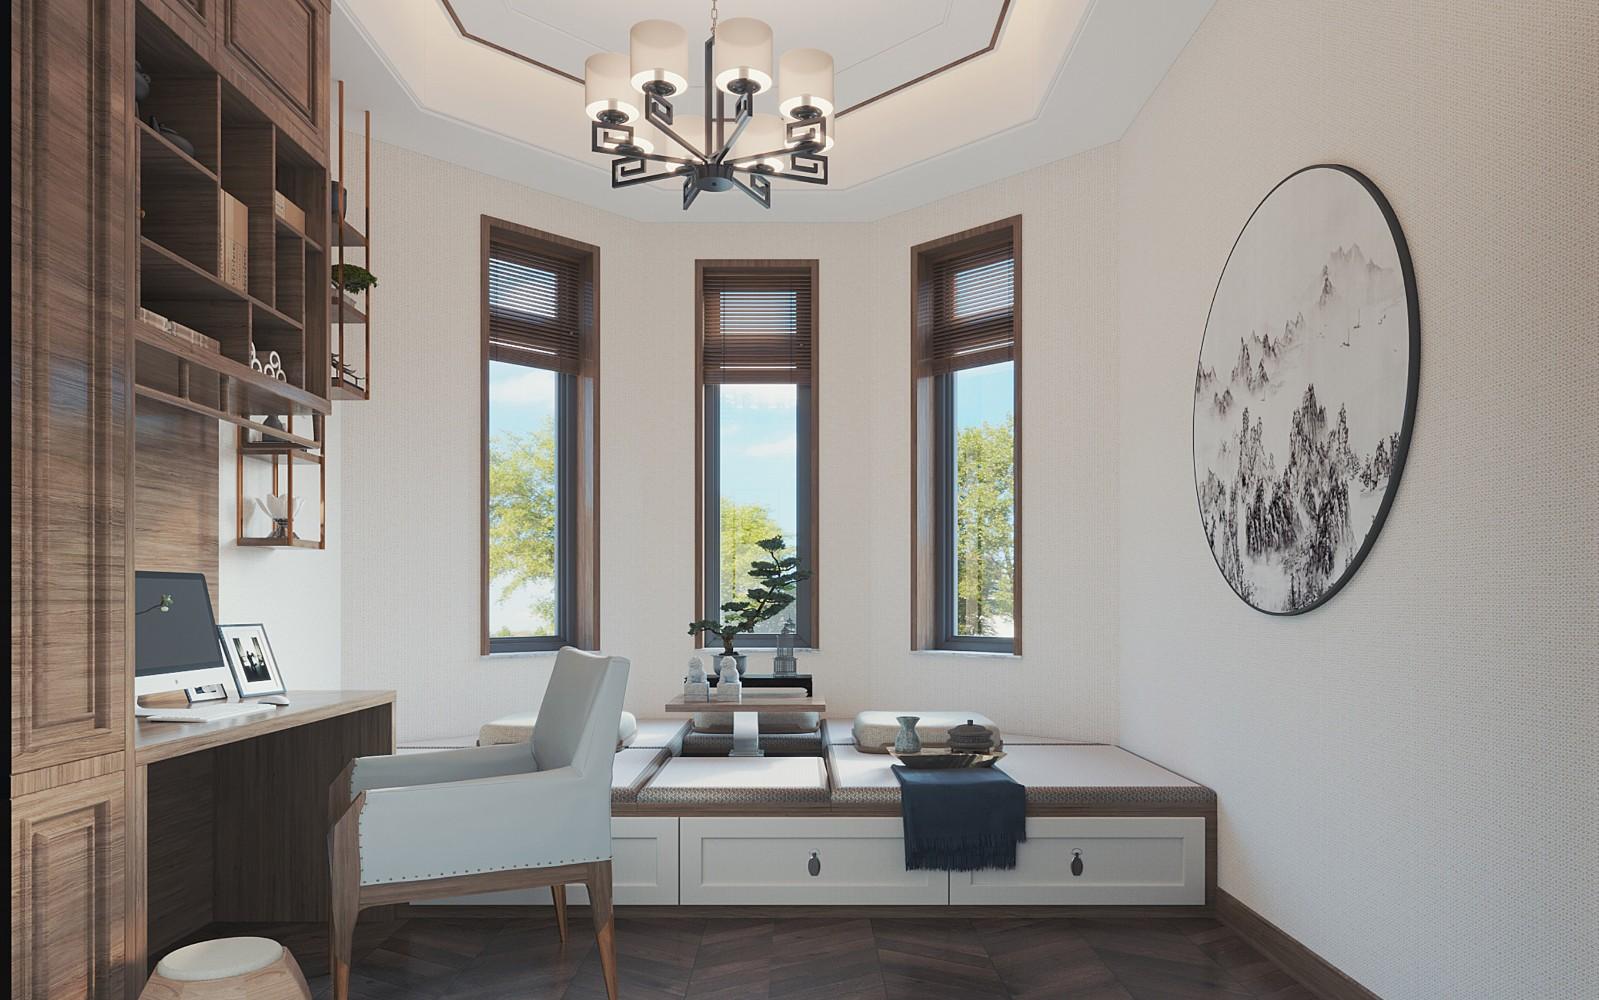 2020新中式卧室装修设计图片 2020新中式榻榻米装修设计